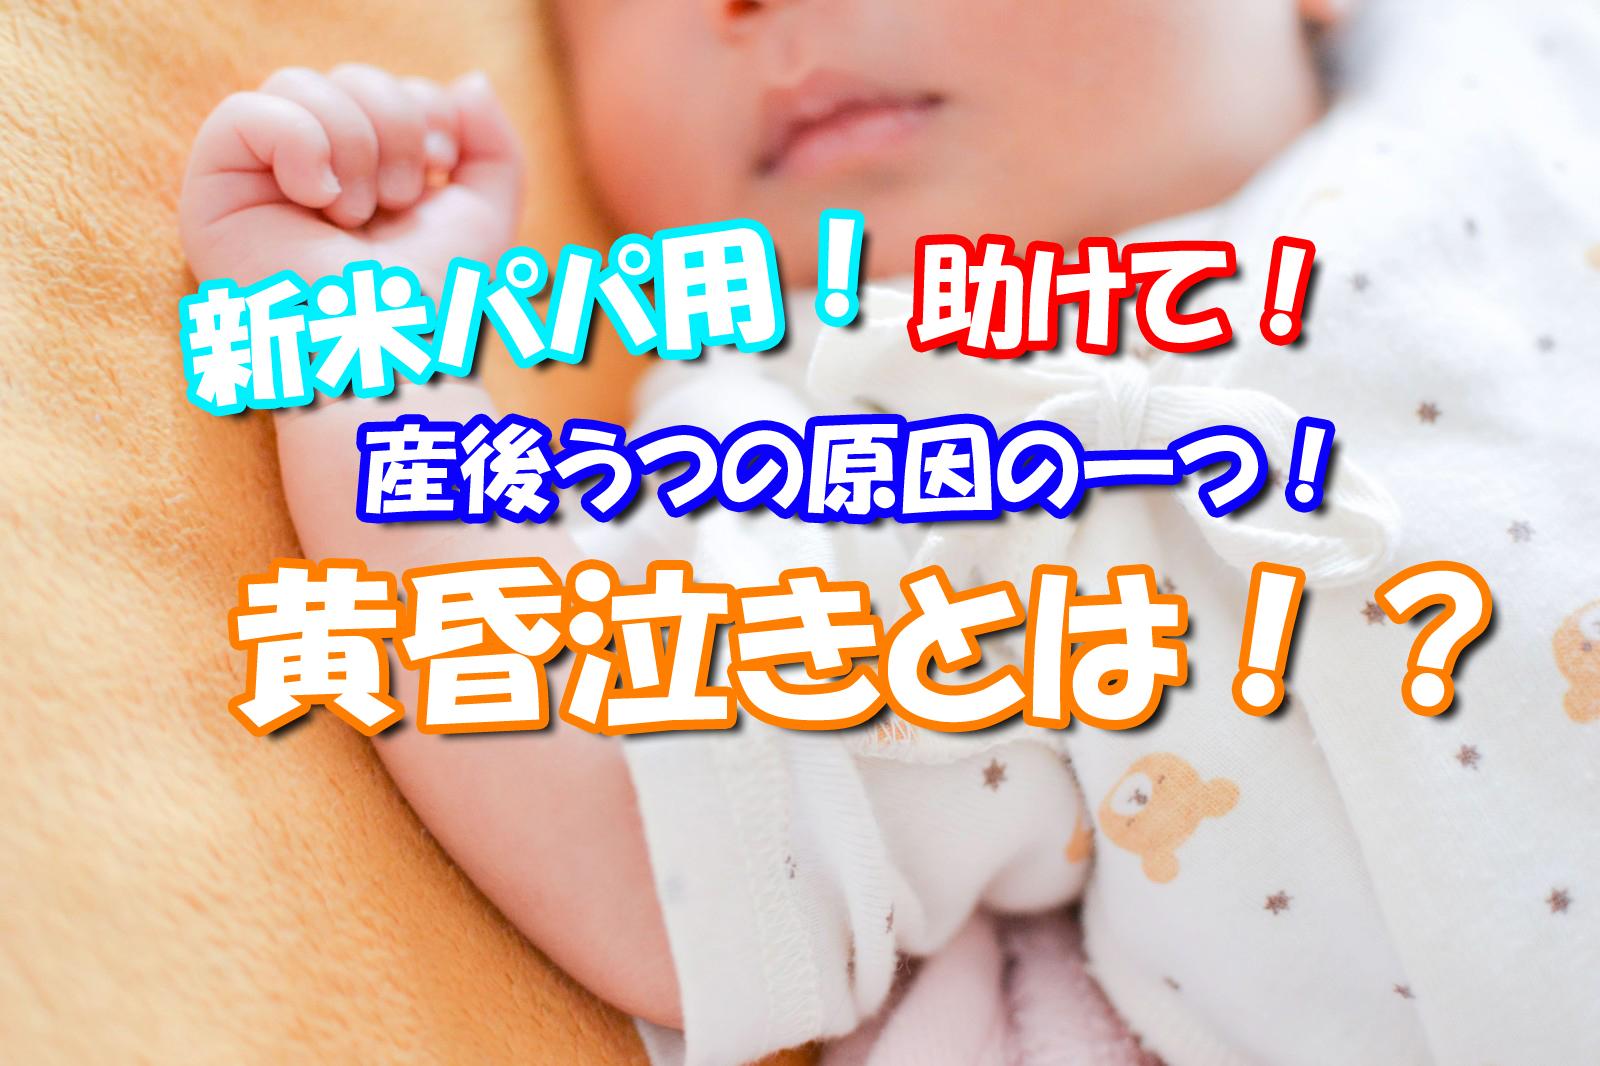 黄昏泣きとは!?